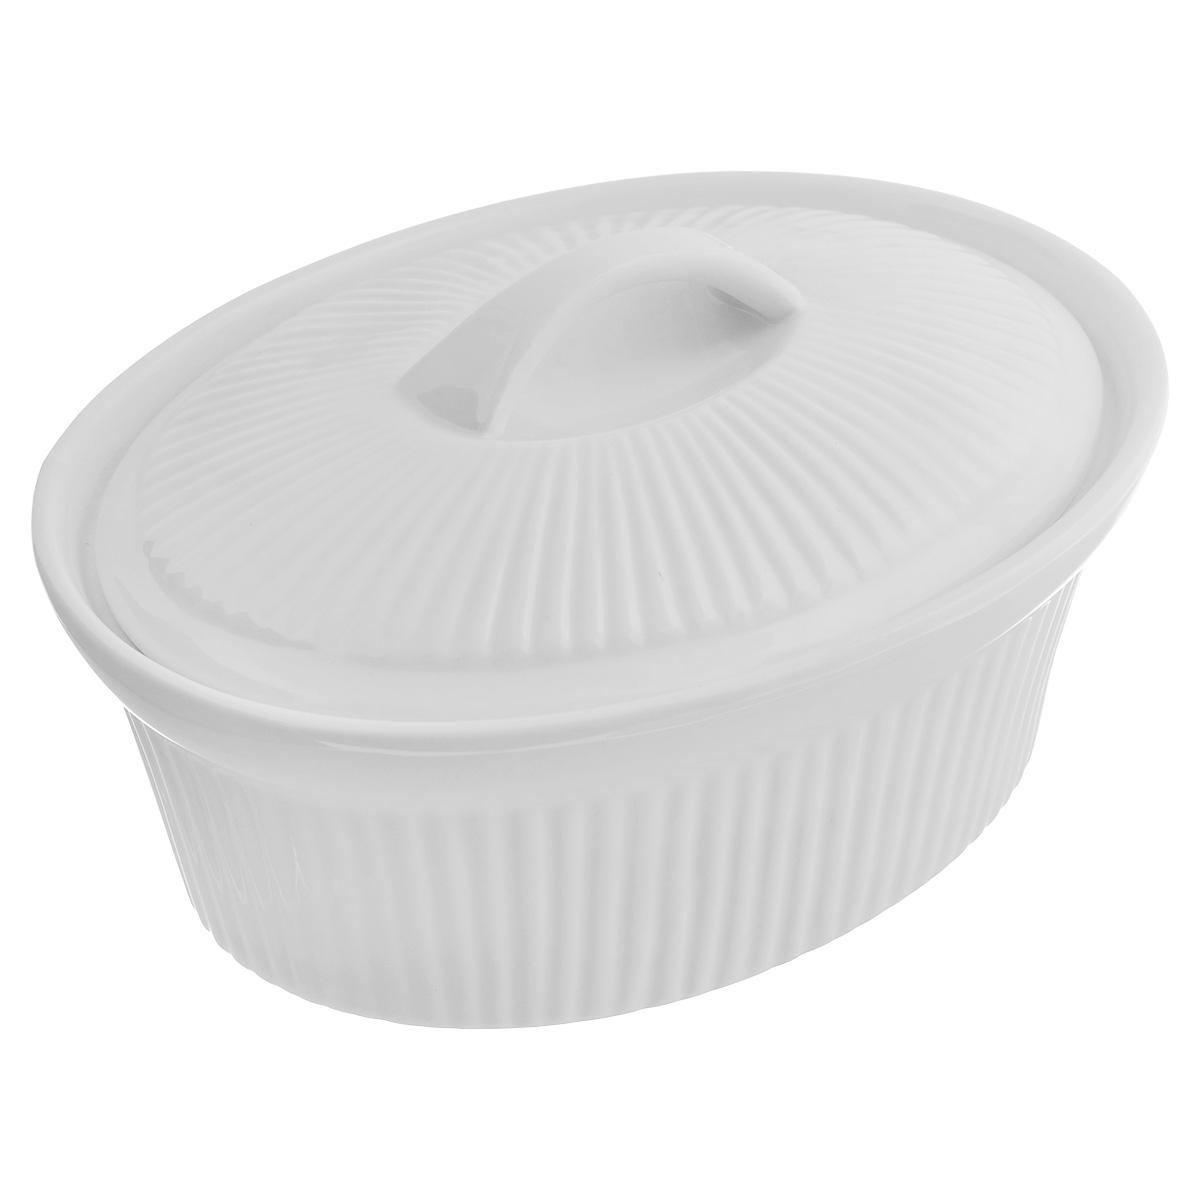 Кастрюля BergHOFF Bianco с крышкой, цвет: белый, 900 мл1691145Овальная кастрюля BergHOFF Bianco изготовлена из высококачественной глазурованной керамики. Идеально подходит для запекания овощей, рыбы и мяса. Такая кастрюля легко чистится и устойчива к царапинам и пятнам. Благодаря керамическому дну, мягко проводит тепло для равномерного запекания и зажаривания. Изделие можно использовать в духовке и СВЧ-печи. Можно мыть в посудомоечной машине. Высота стенки: 7,8 см. Толщина стенки: 0,5 см. Толщина дна: 0,6 см. Размер кастрюли (по верхнему краю): 20 см х 15,5 см.